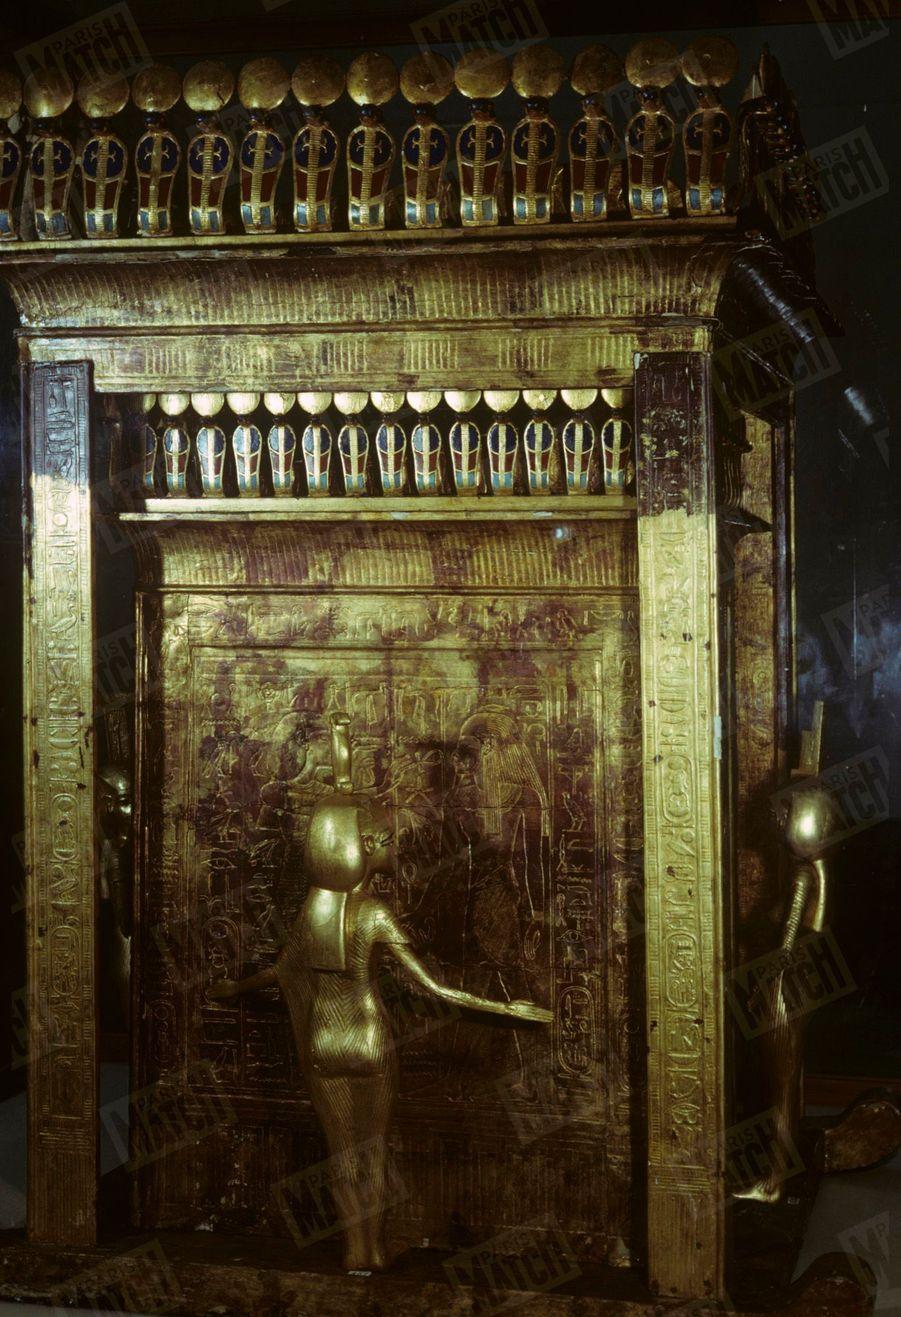 """""""Toutânkhamon et son temps"""" au Petit Palais en 1967 :Cet habitacle plaqué d'or devait contenir deux statues en or massif du roi et de de sa femme représentés sur les portes."""